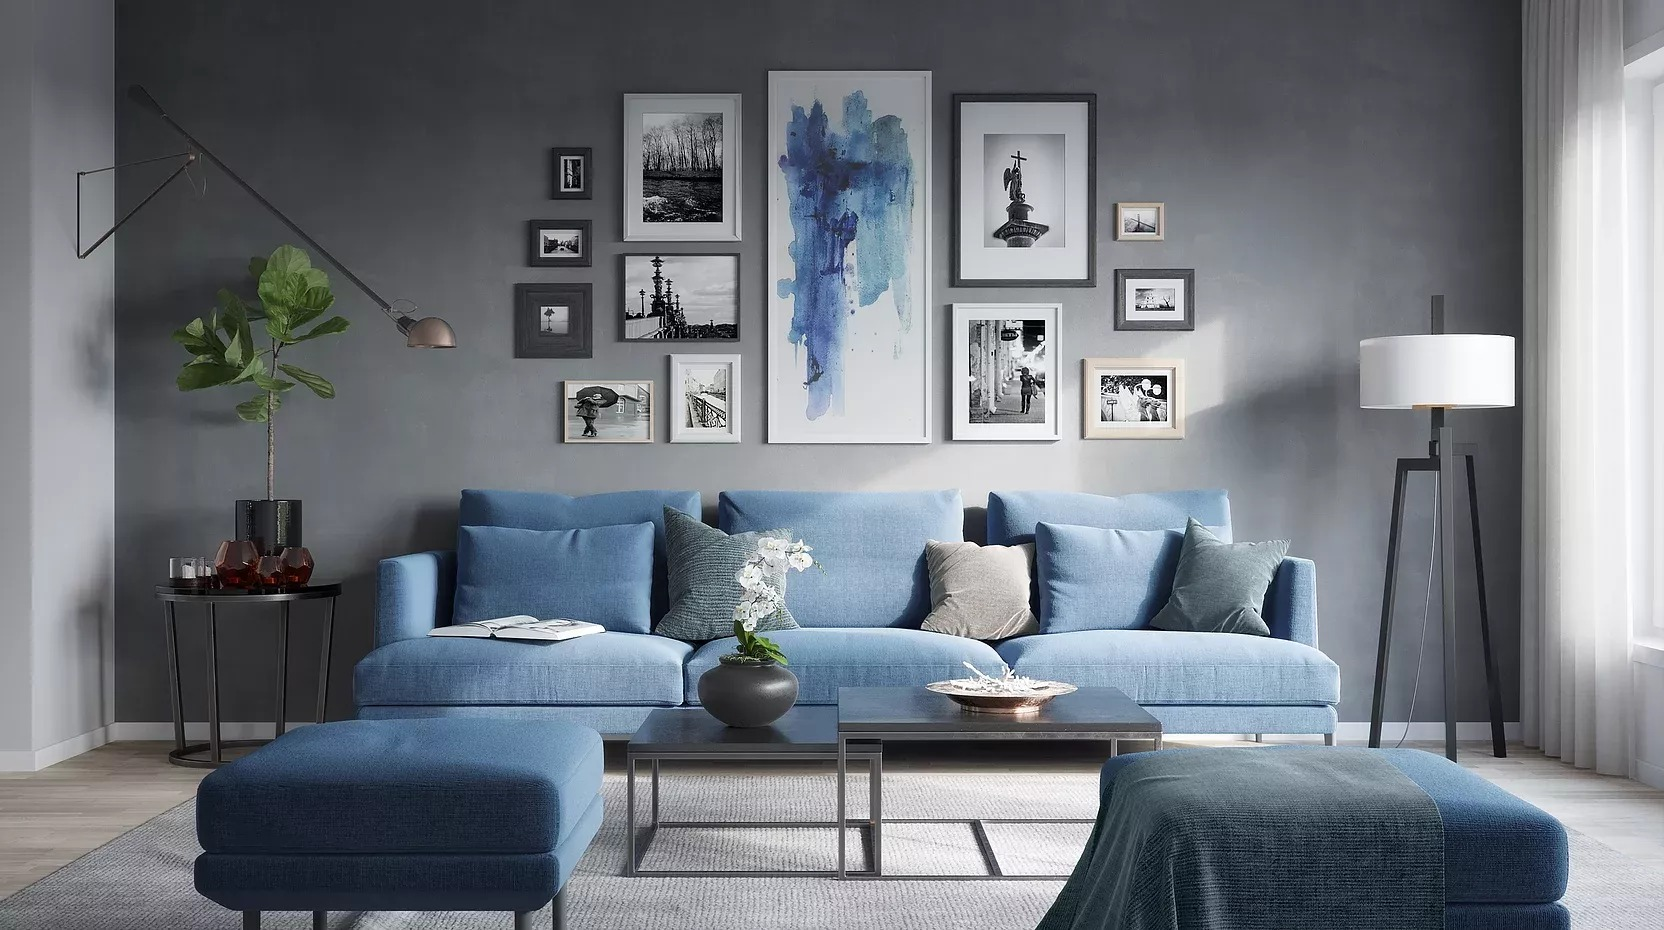 интерьер гостиной в синих и серых тонах